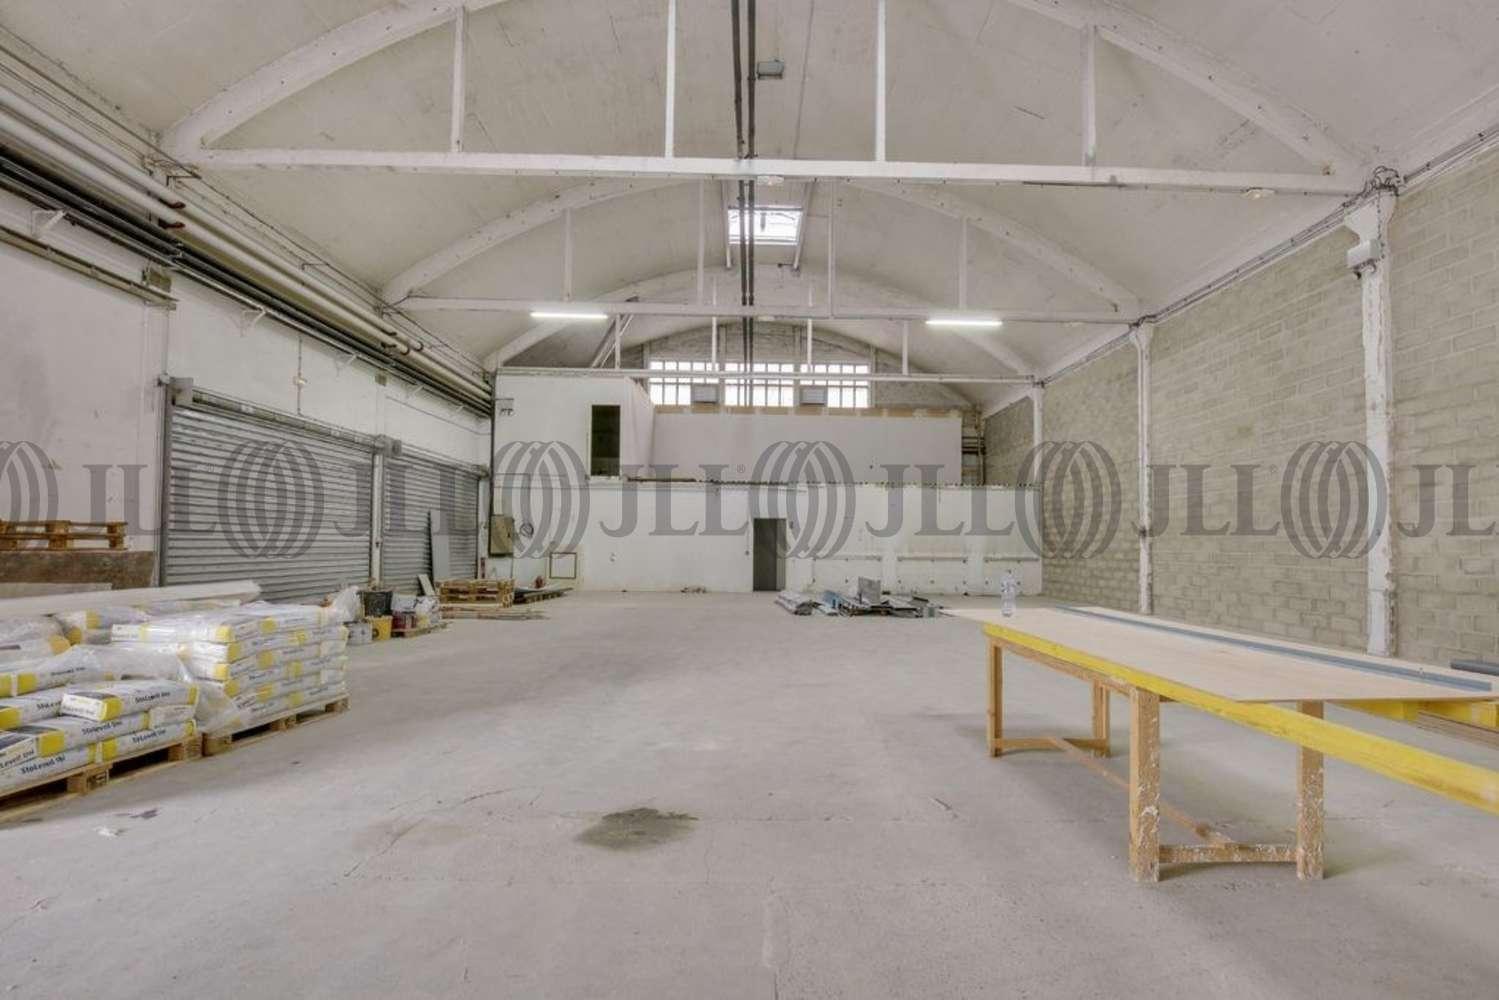 Activités/entrepôt Aubervilliers, 93300 - PARC DES PORTES DE PARIS - BAT. 211 - 10918108